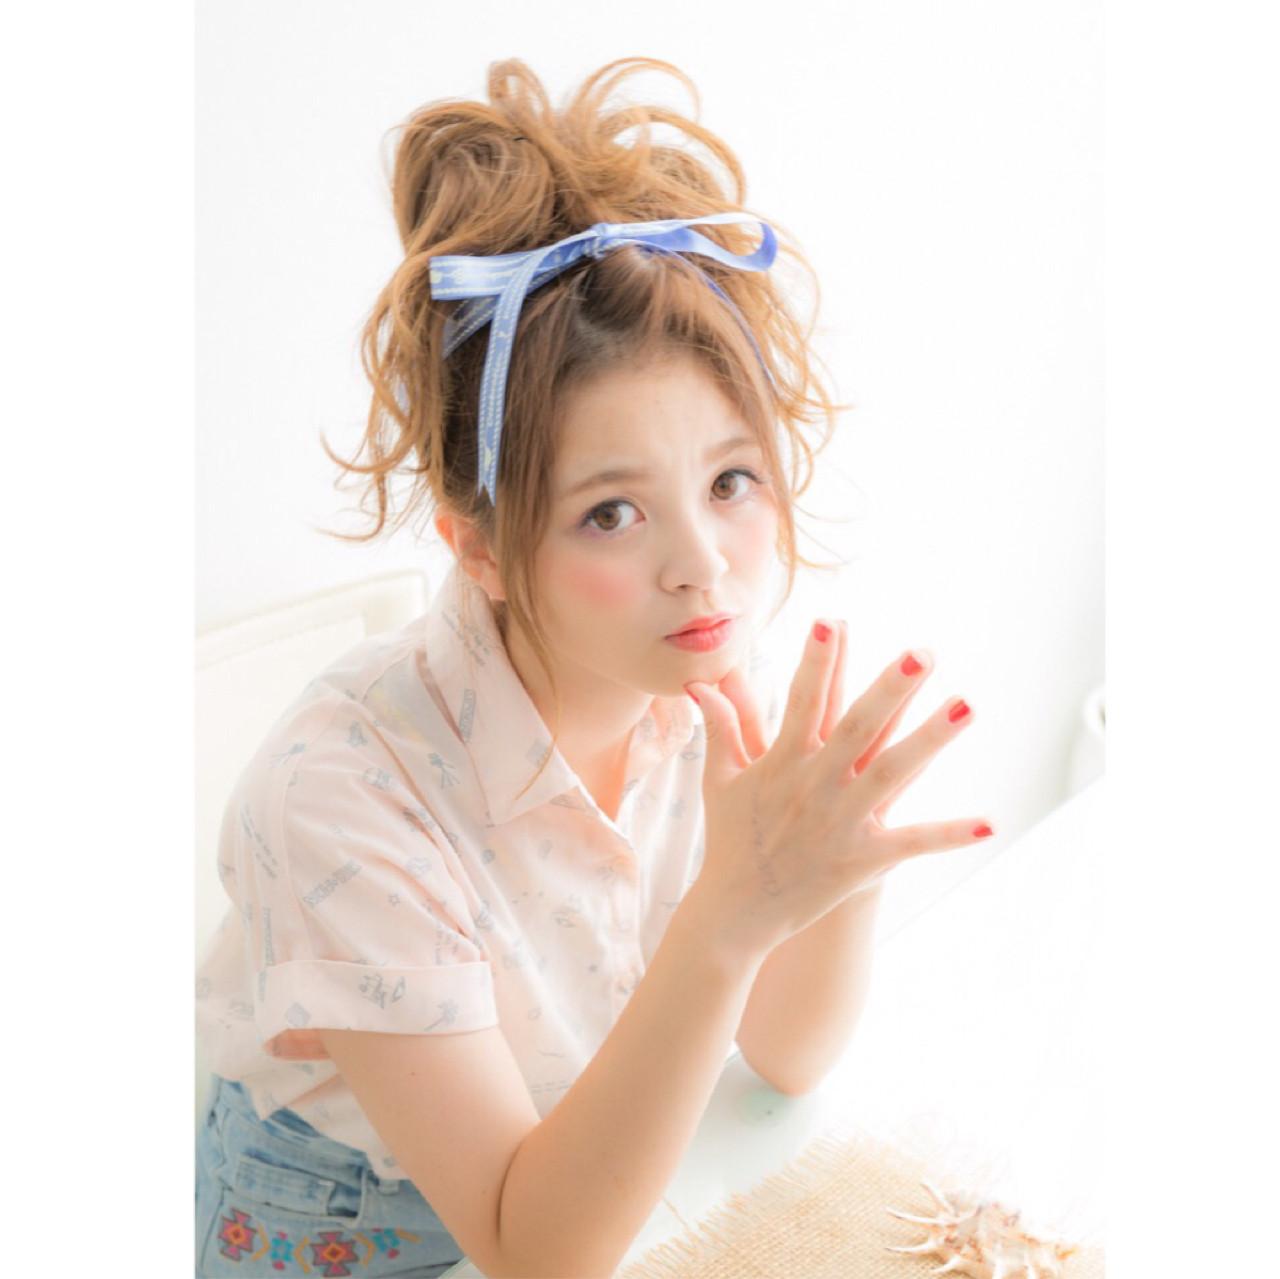 ミディアム アップスタイル ショート ヘアアレンジ ヘアスタイルや髪型の写真・画像 | アンディーヌ 黒田 真弘 / undine  アンディーヌ